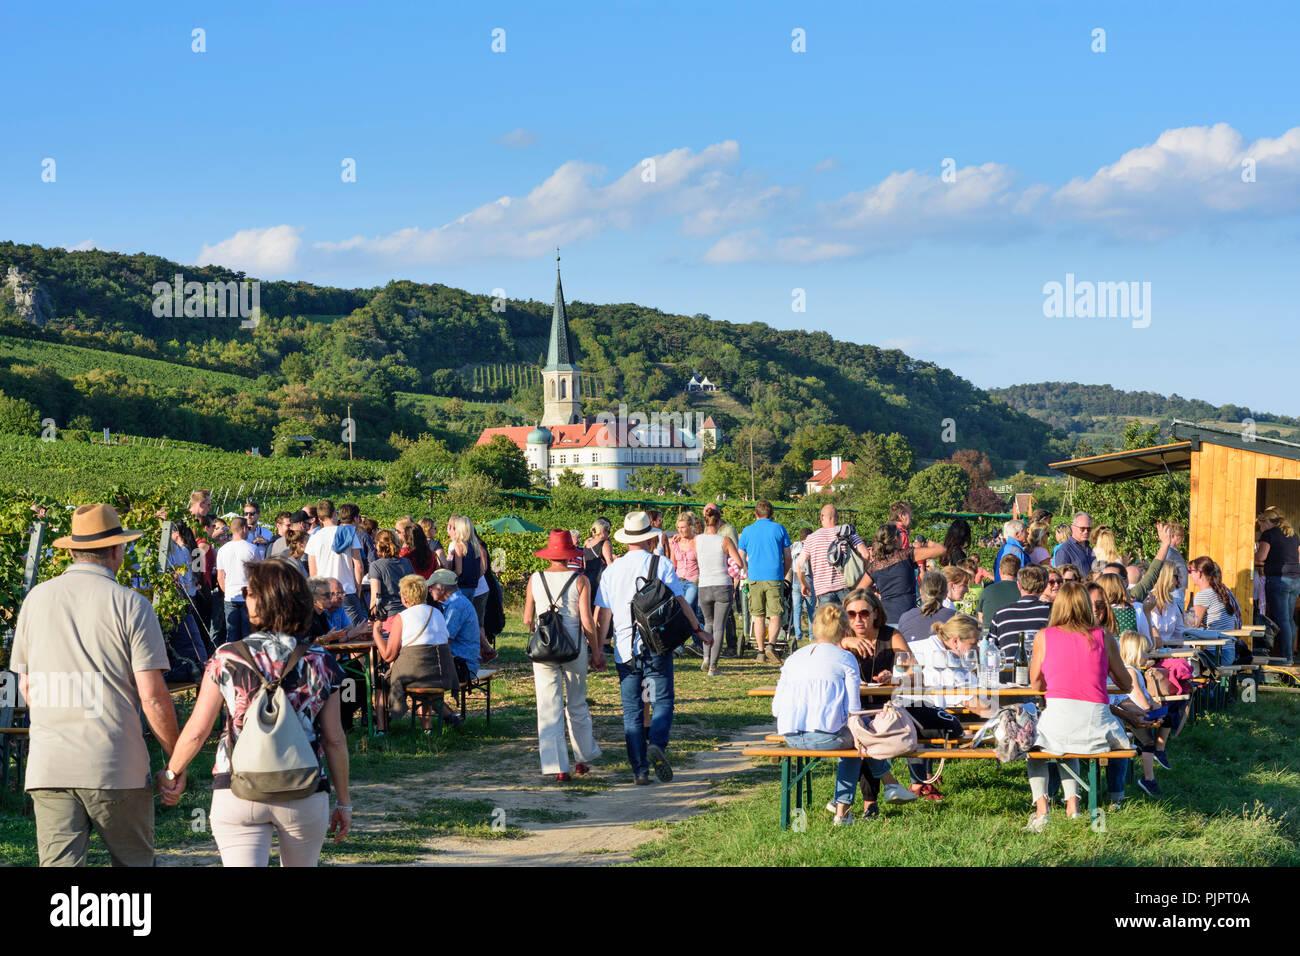 """Gumpoldskirchen: Deutschordensschloss (Deutsch Um Burg), Weinberg, Bar am Festival """"genussmeile"""" zusammen 1. Wiener Wasser Wanderweg, winegro Stockfoto"""